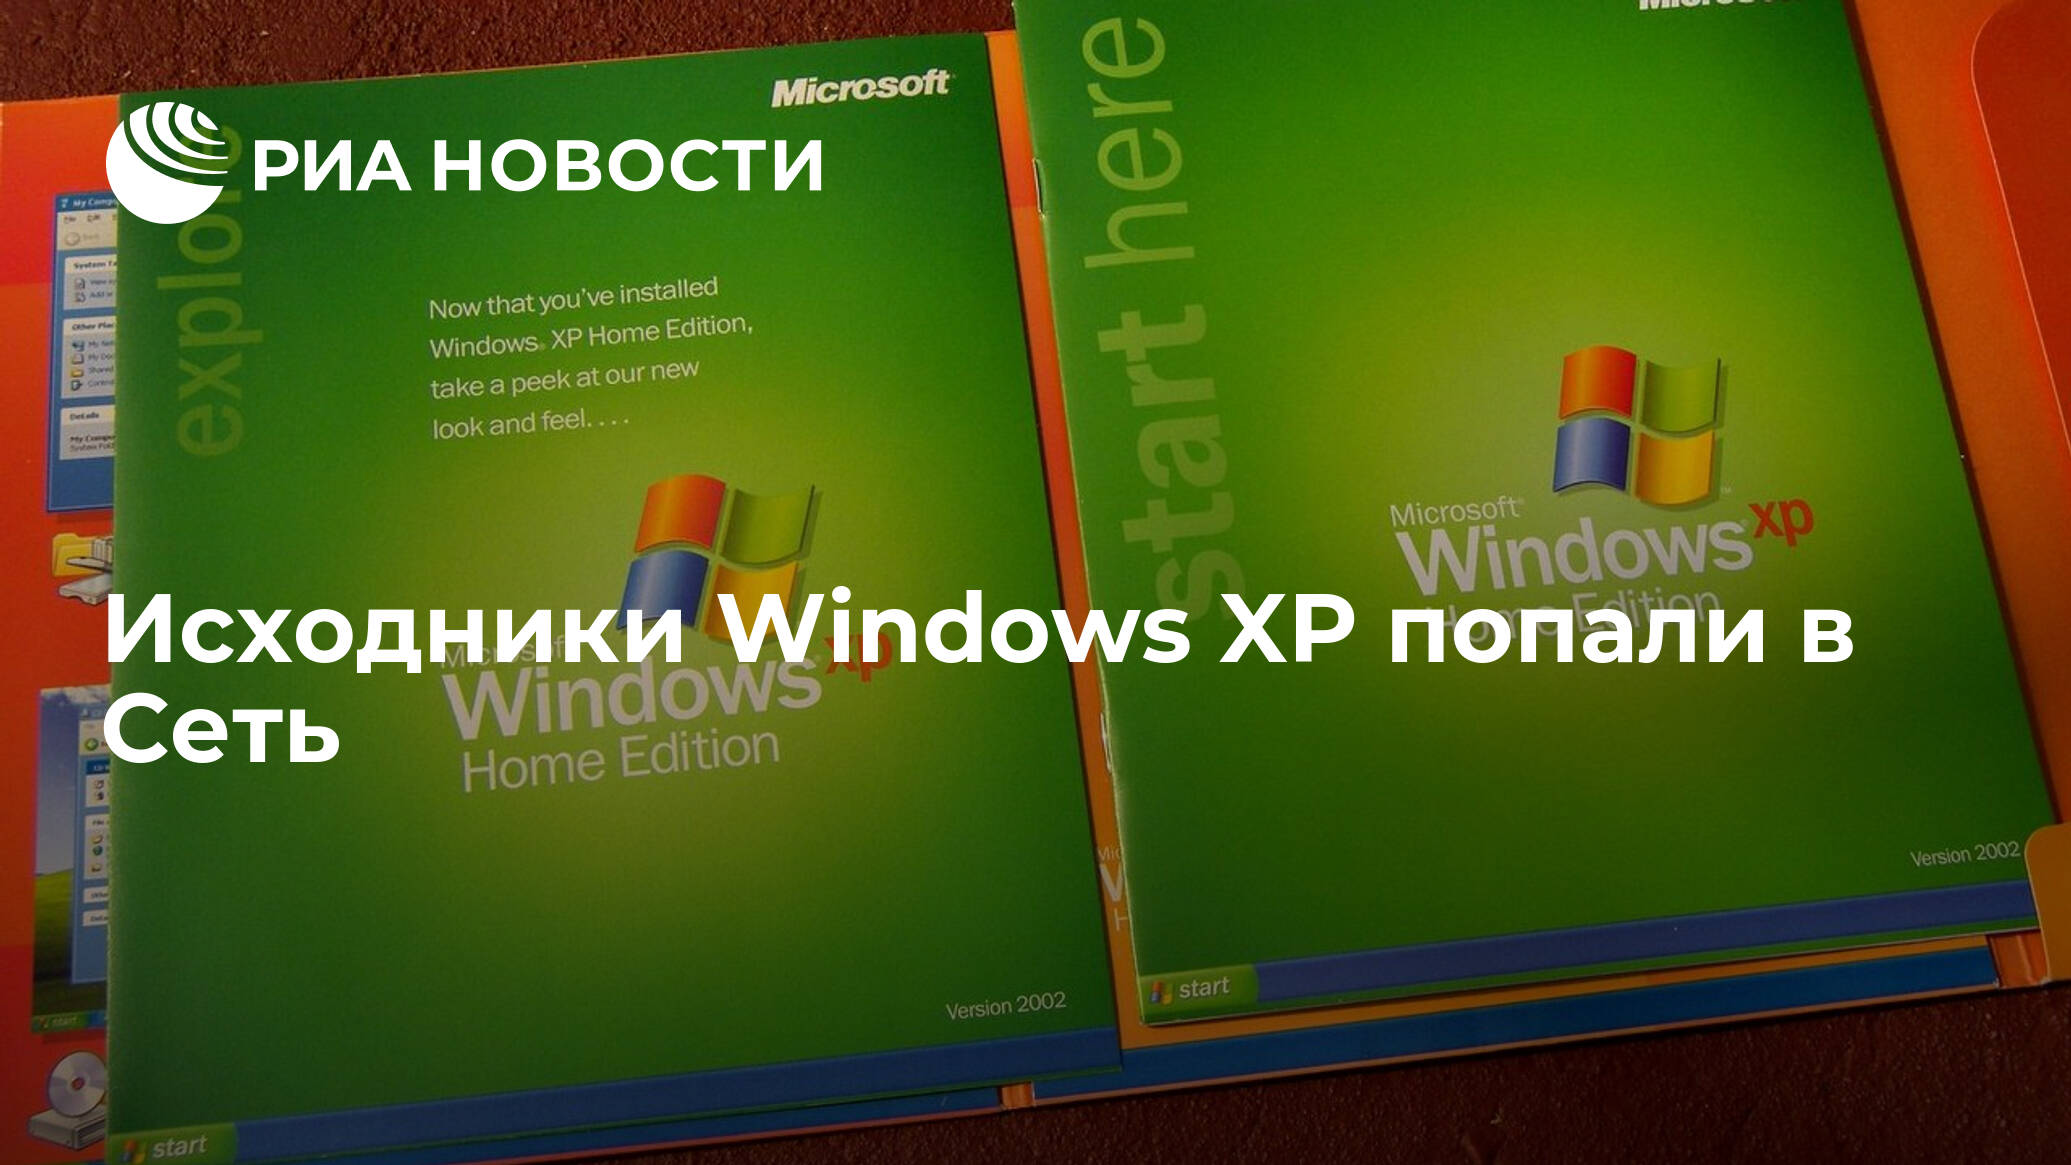 Исходники Windows XP попали в Сеть